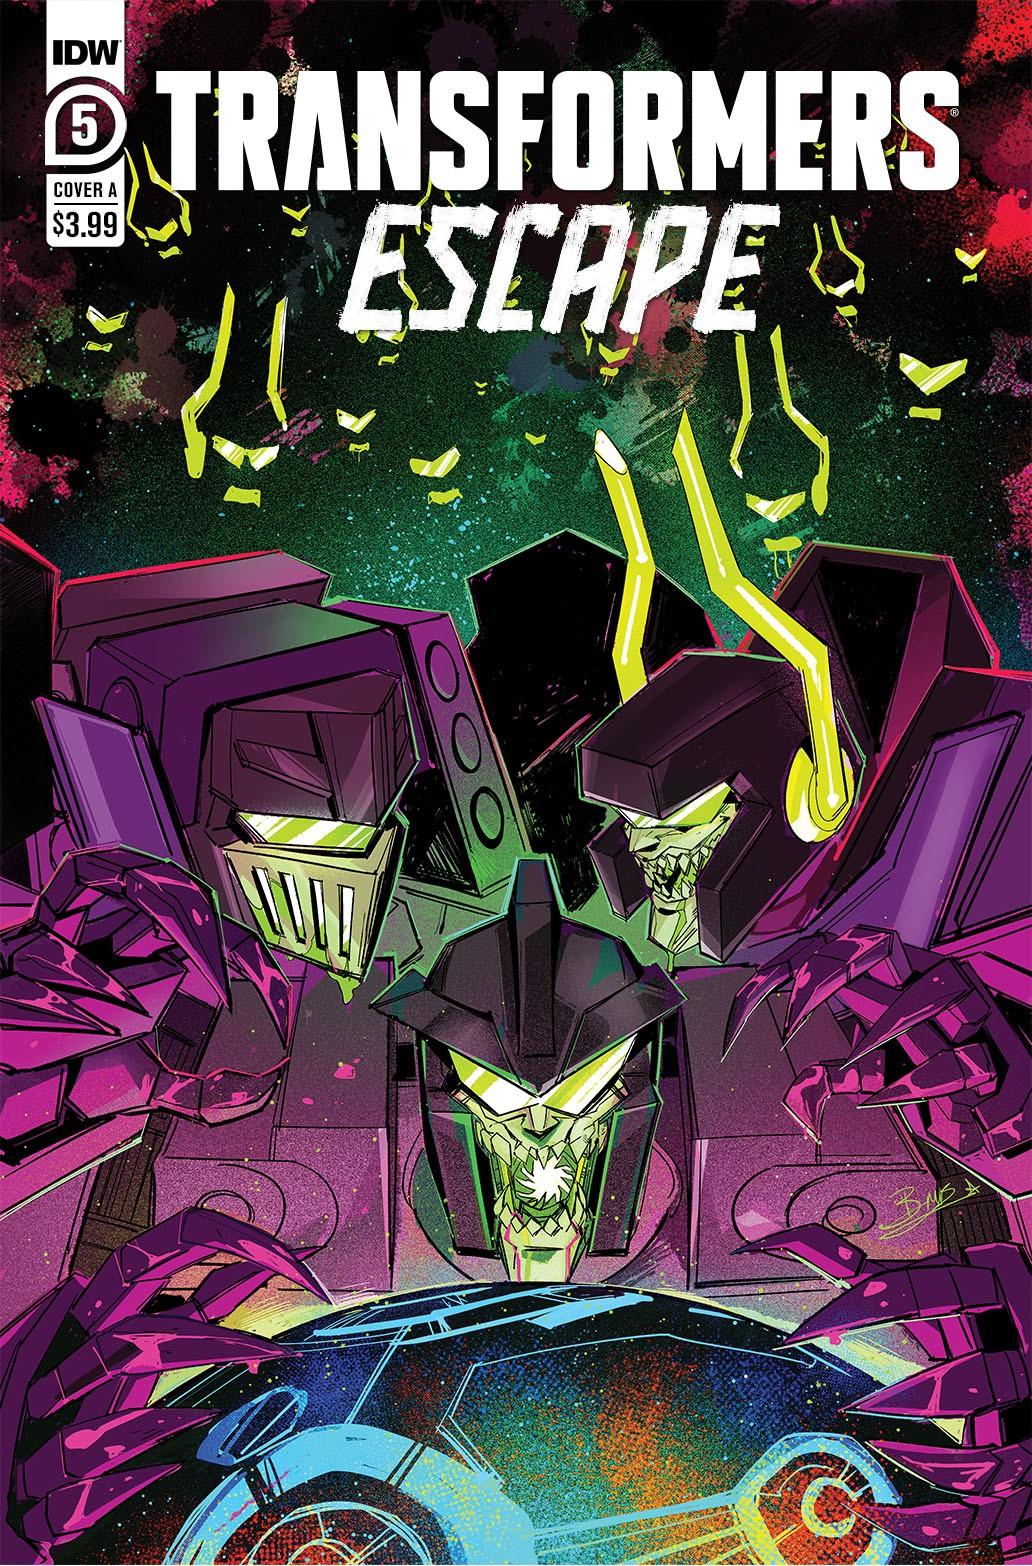 Transformers News: IDW Transformers Comics April 2021 Solicitations